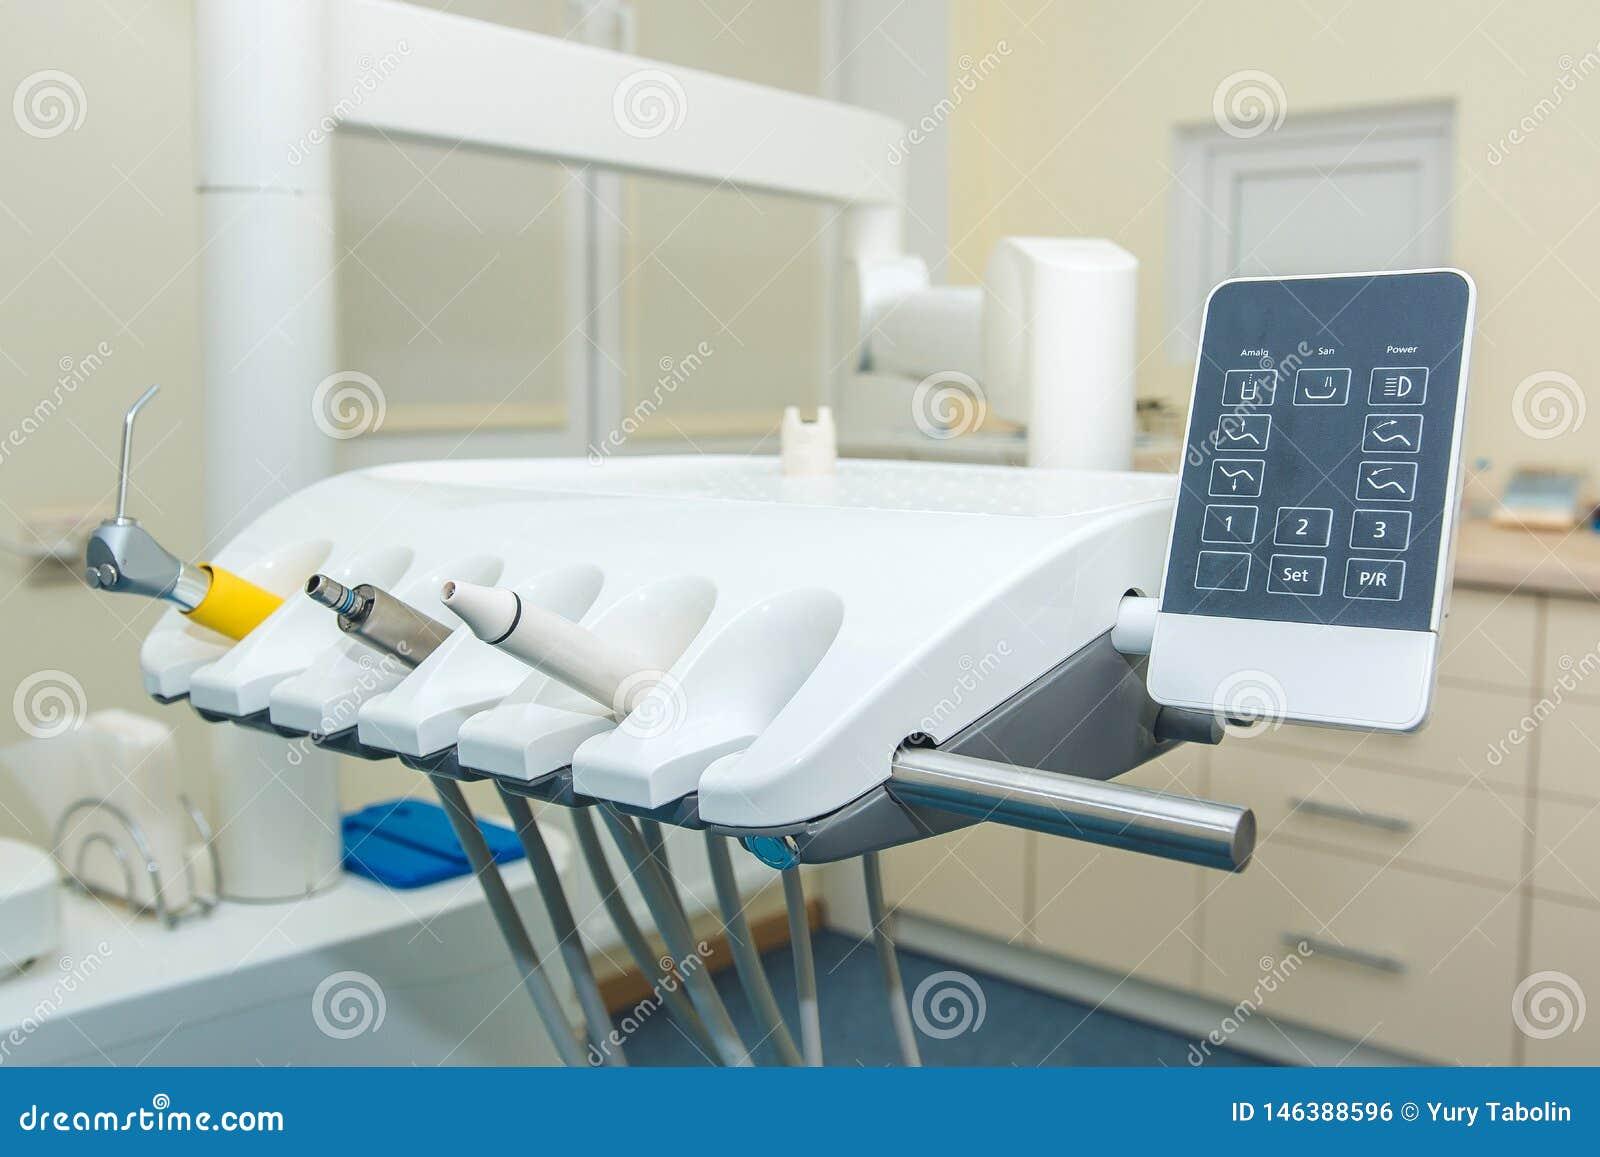 Ufficio dentale Dentista Chair Un insieme degli strumenti dentari